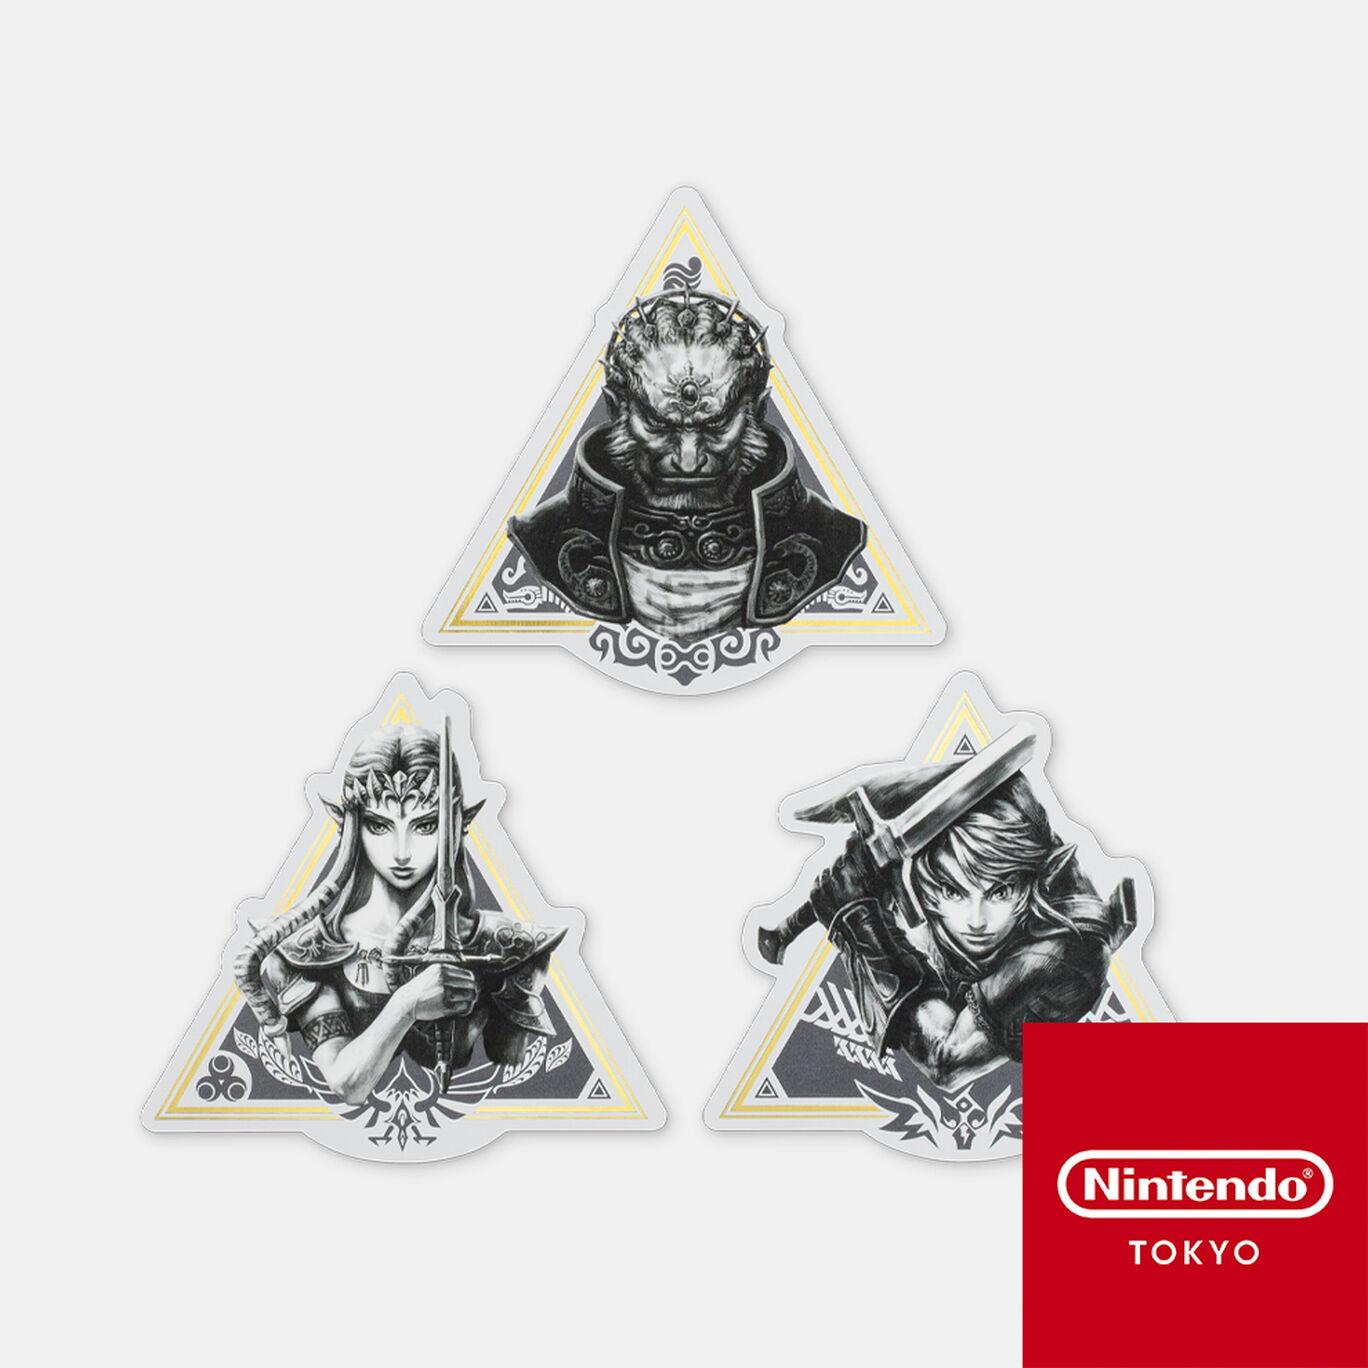 ステッカーセット トライフォース ゼルダの伝説【Nintendo TOKYO取り扱い商品】